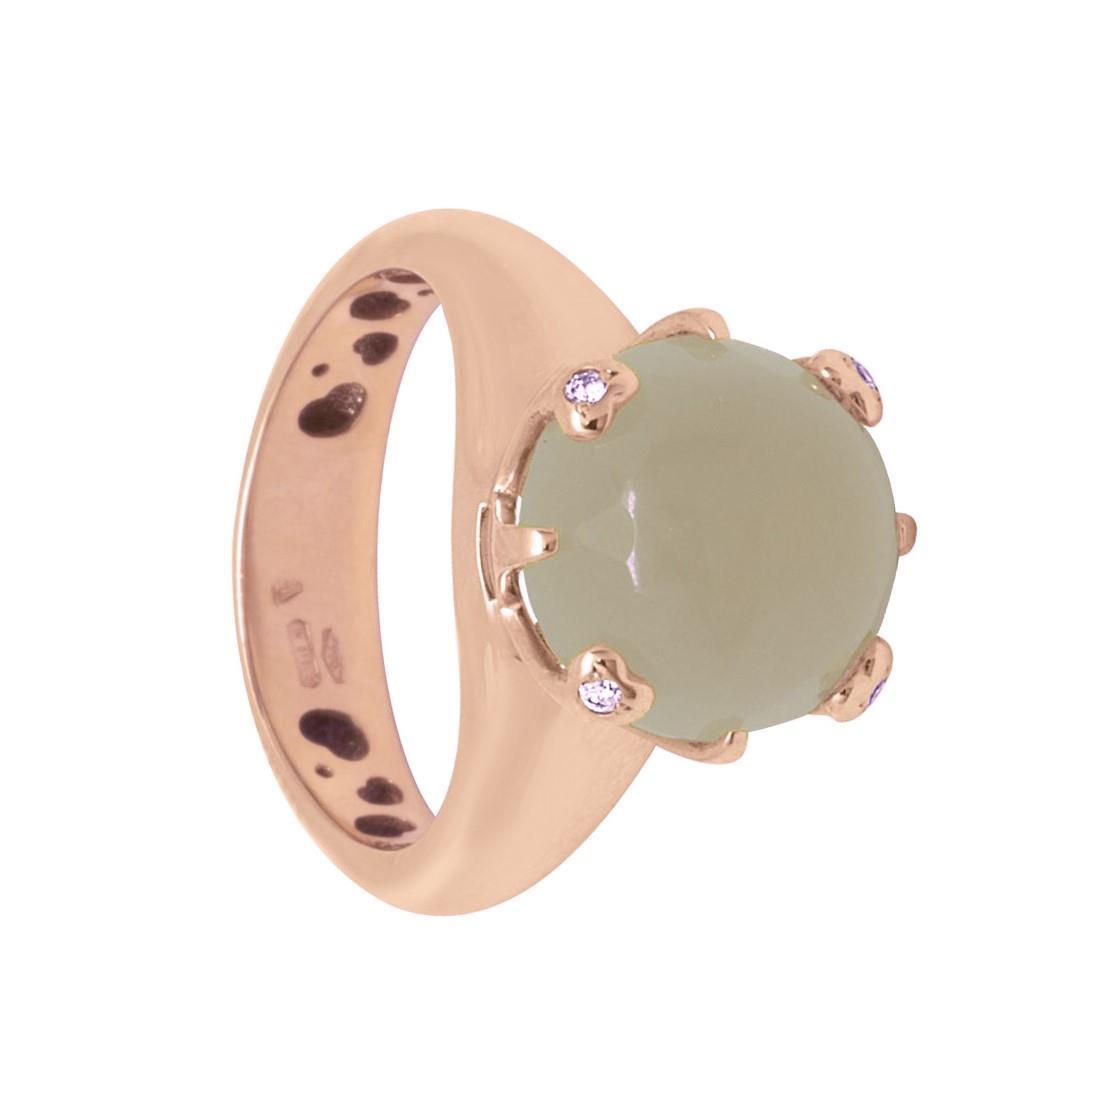 Anello in oro rosso con diamanti e pietra semi preziosa - PASQUALE BRUNI